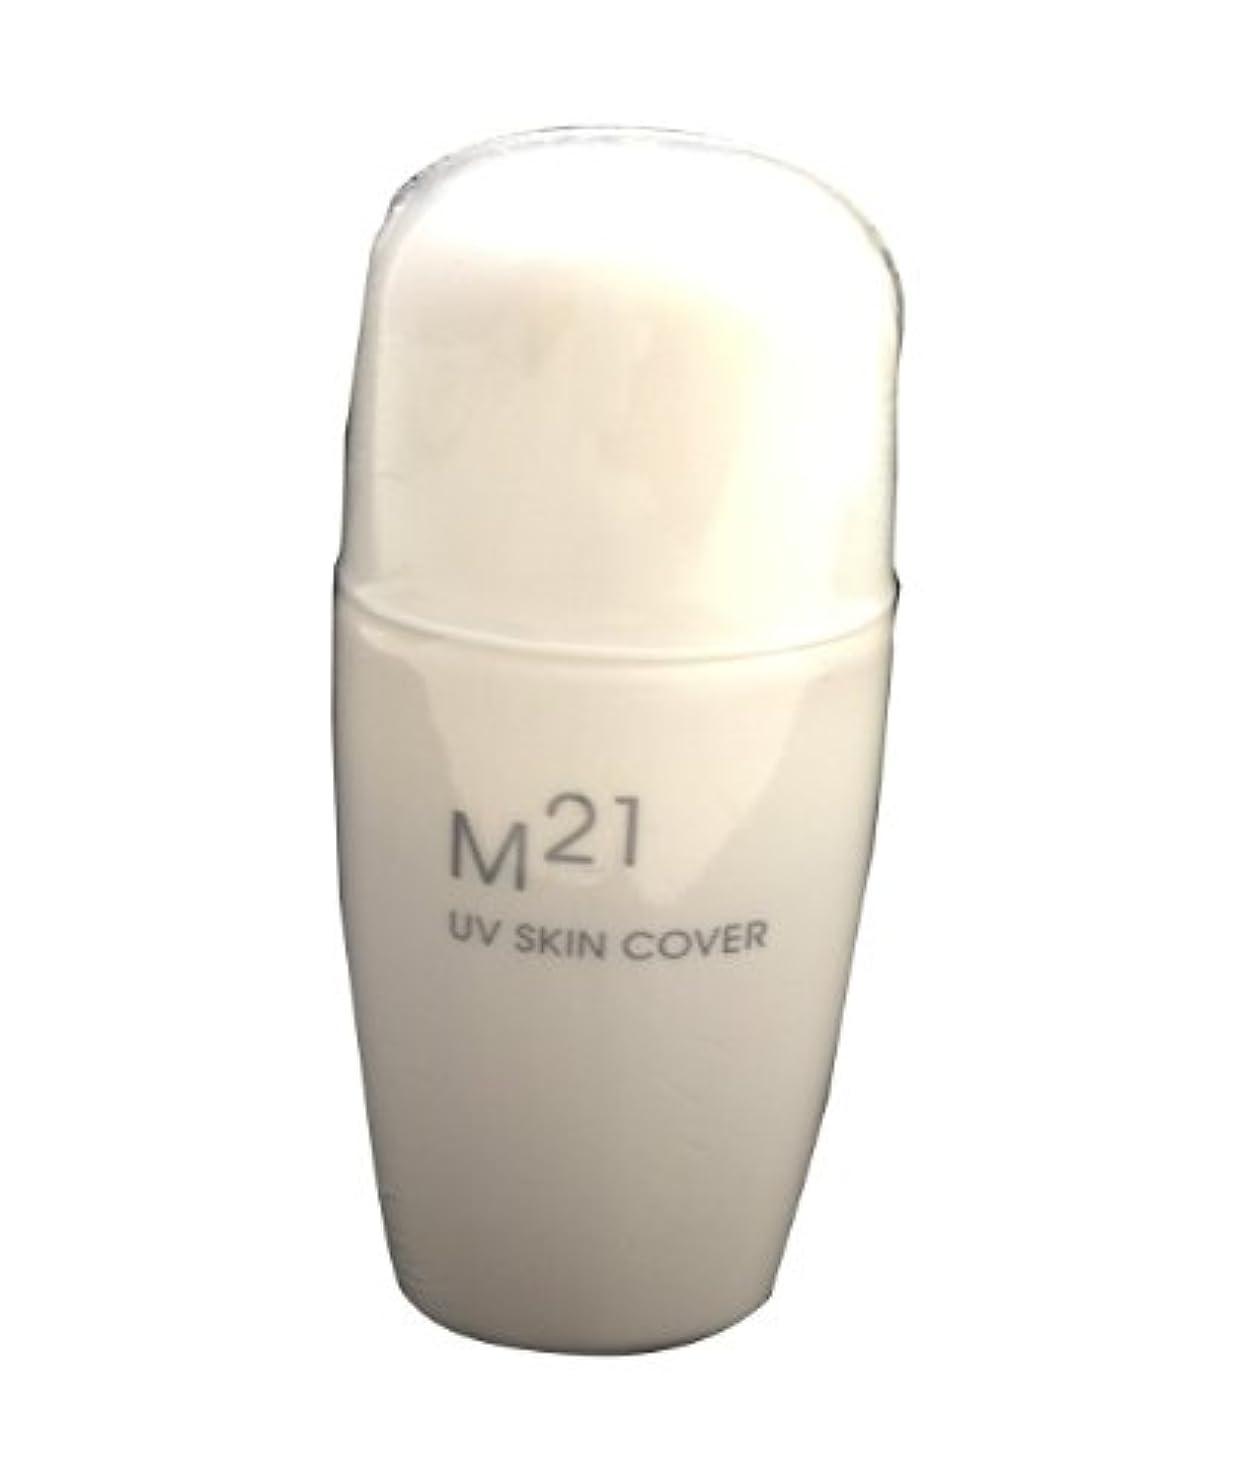 満州褒賞ラウンジM21UVスキンカバー 自然化粧品M21